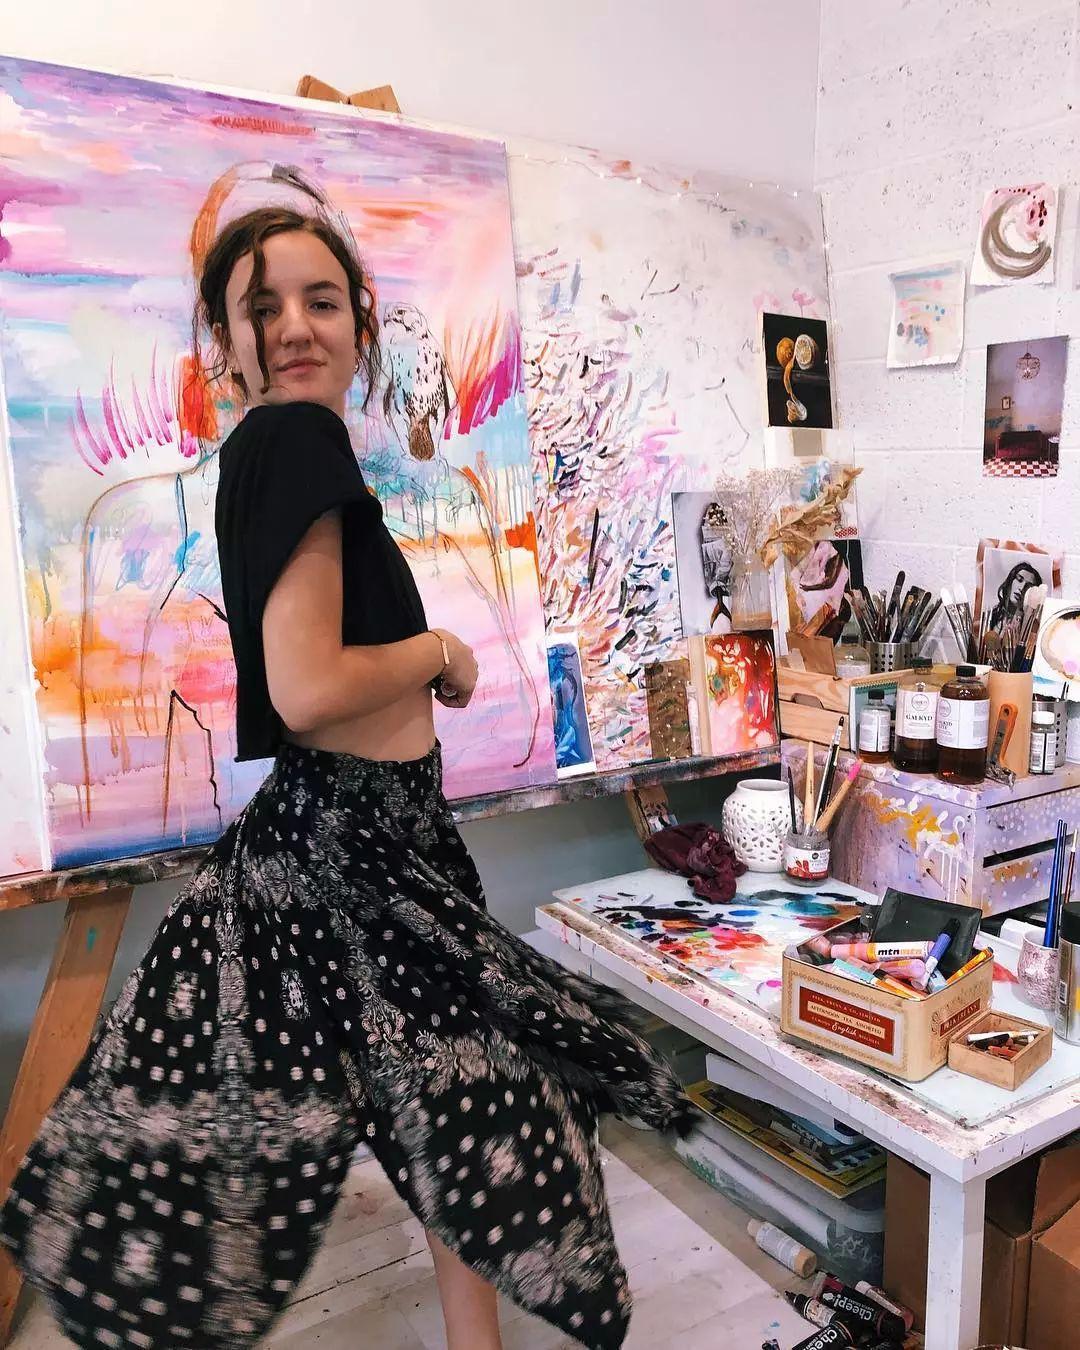 她没上过美院,画作却被世界各地的收藏家争相收藏,16岁卖画赚100万插图69